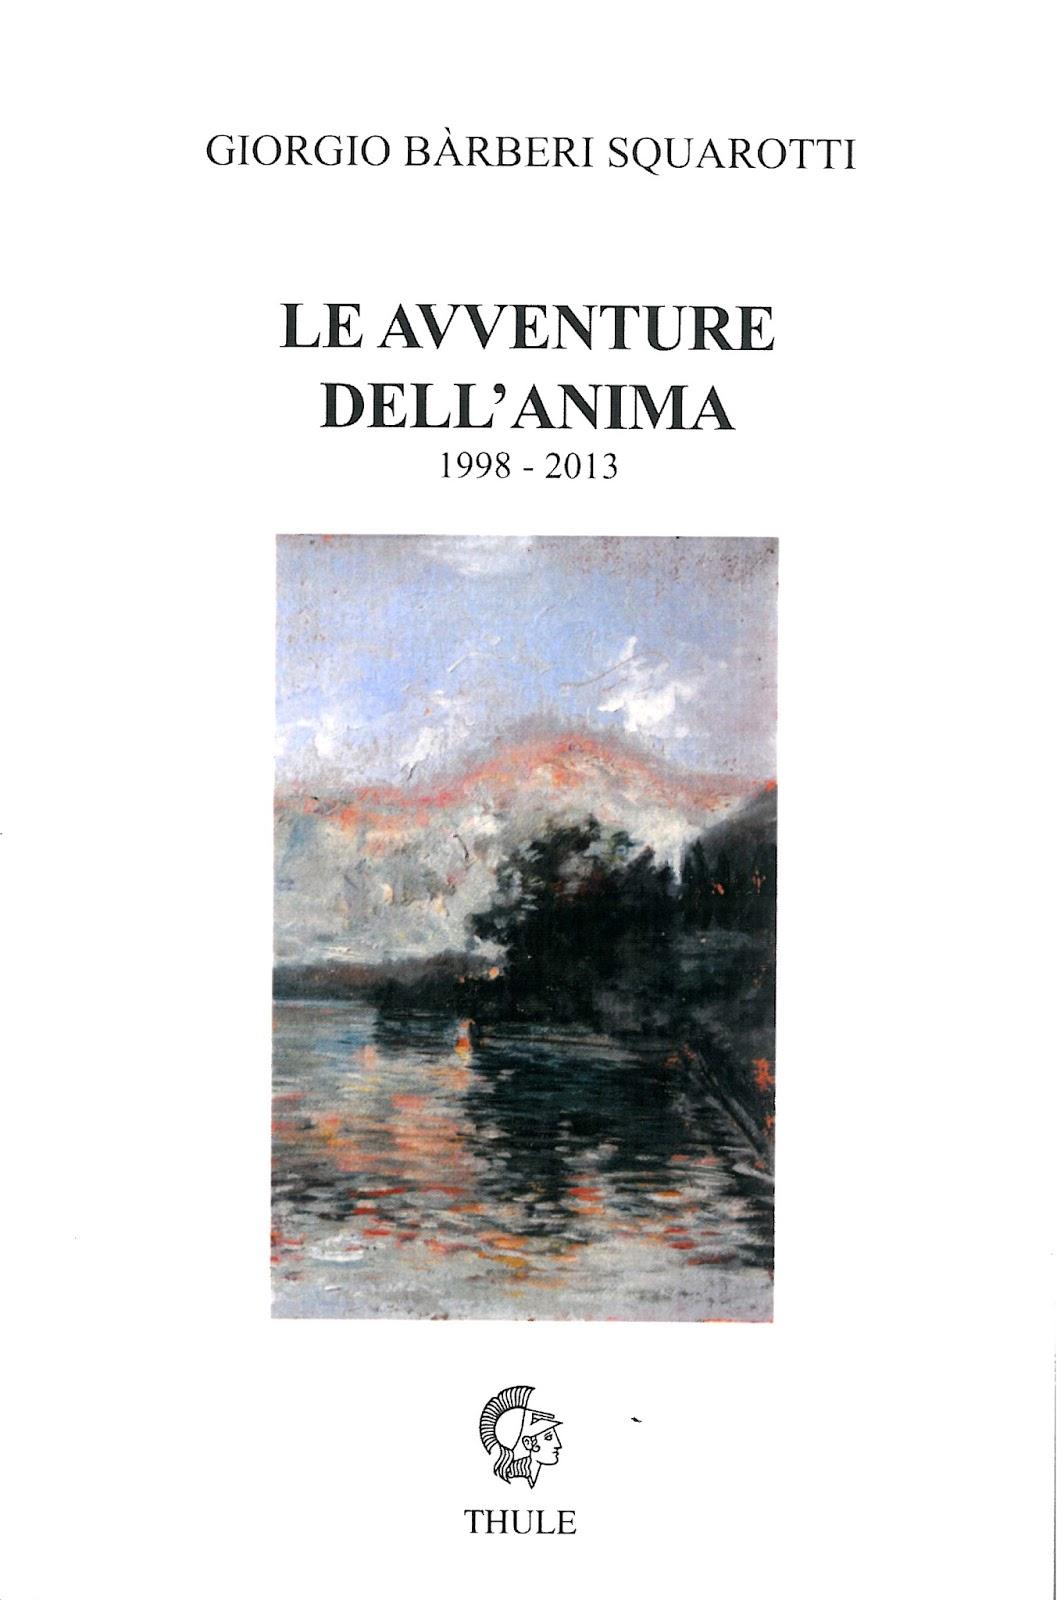 """Giorgio Barberi Squarotti, """"Le avventure dell'anima"""" (ed. Thule)"""